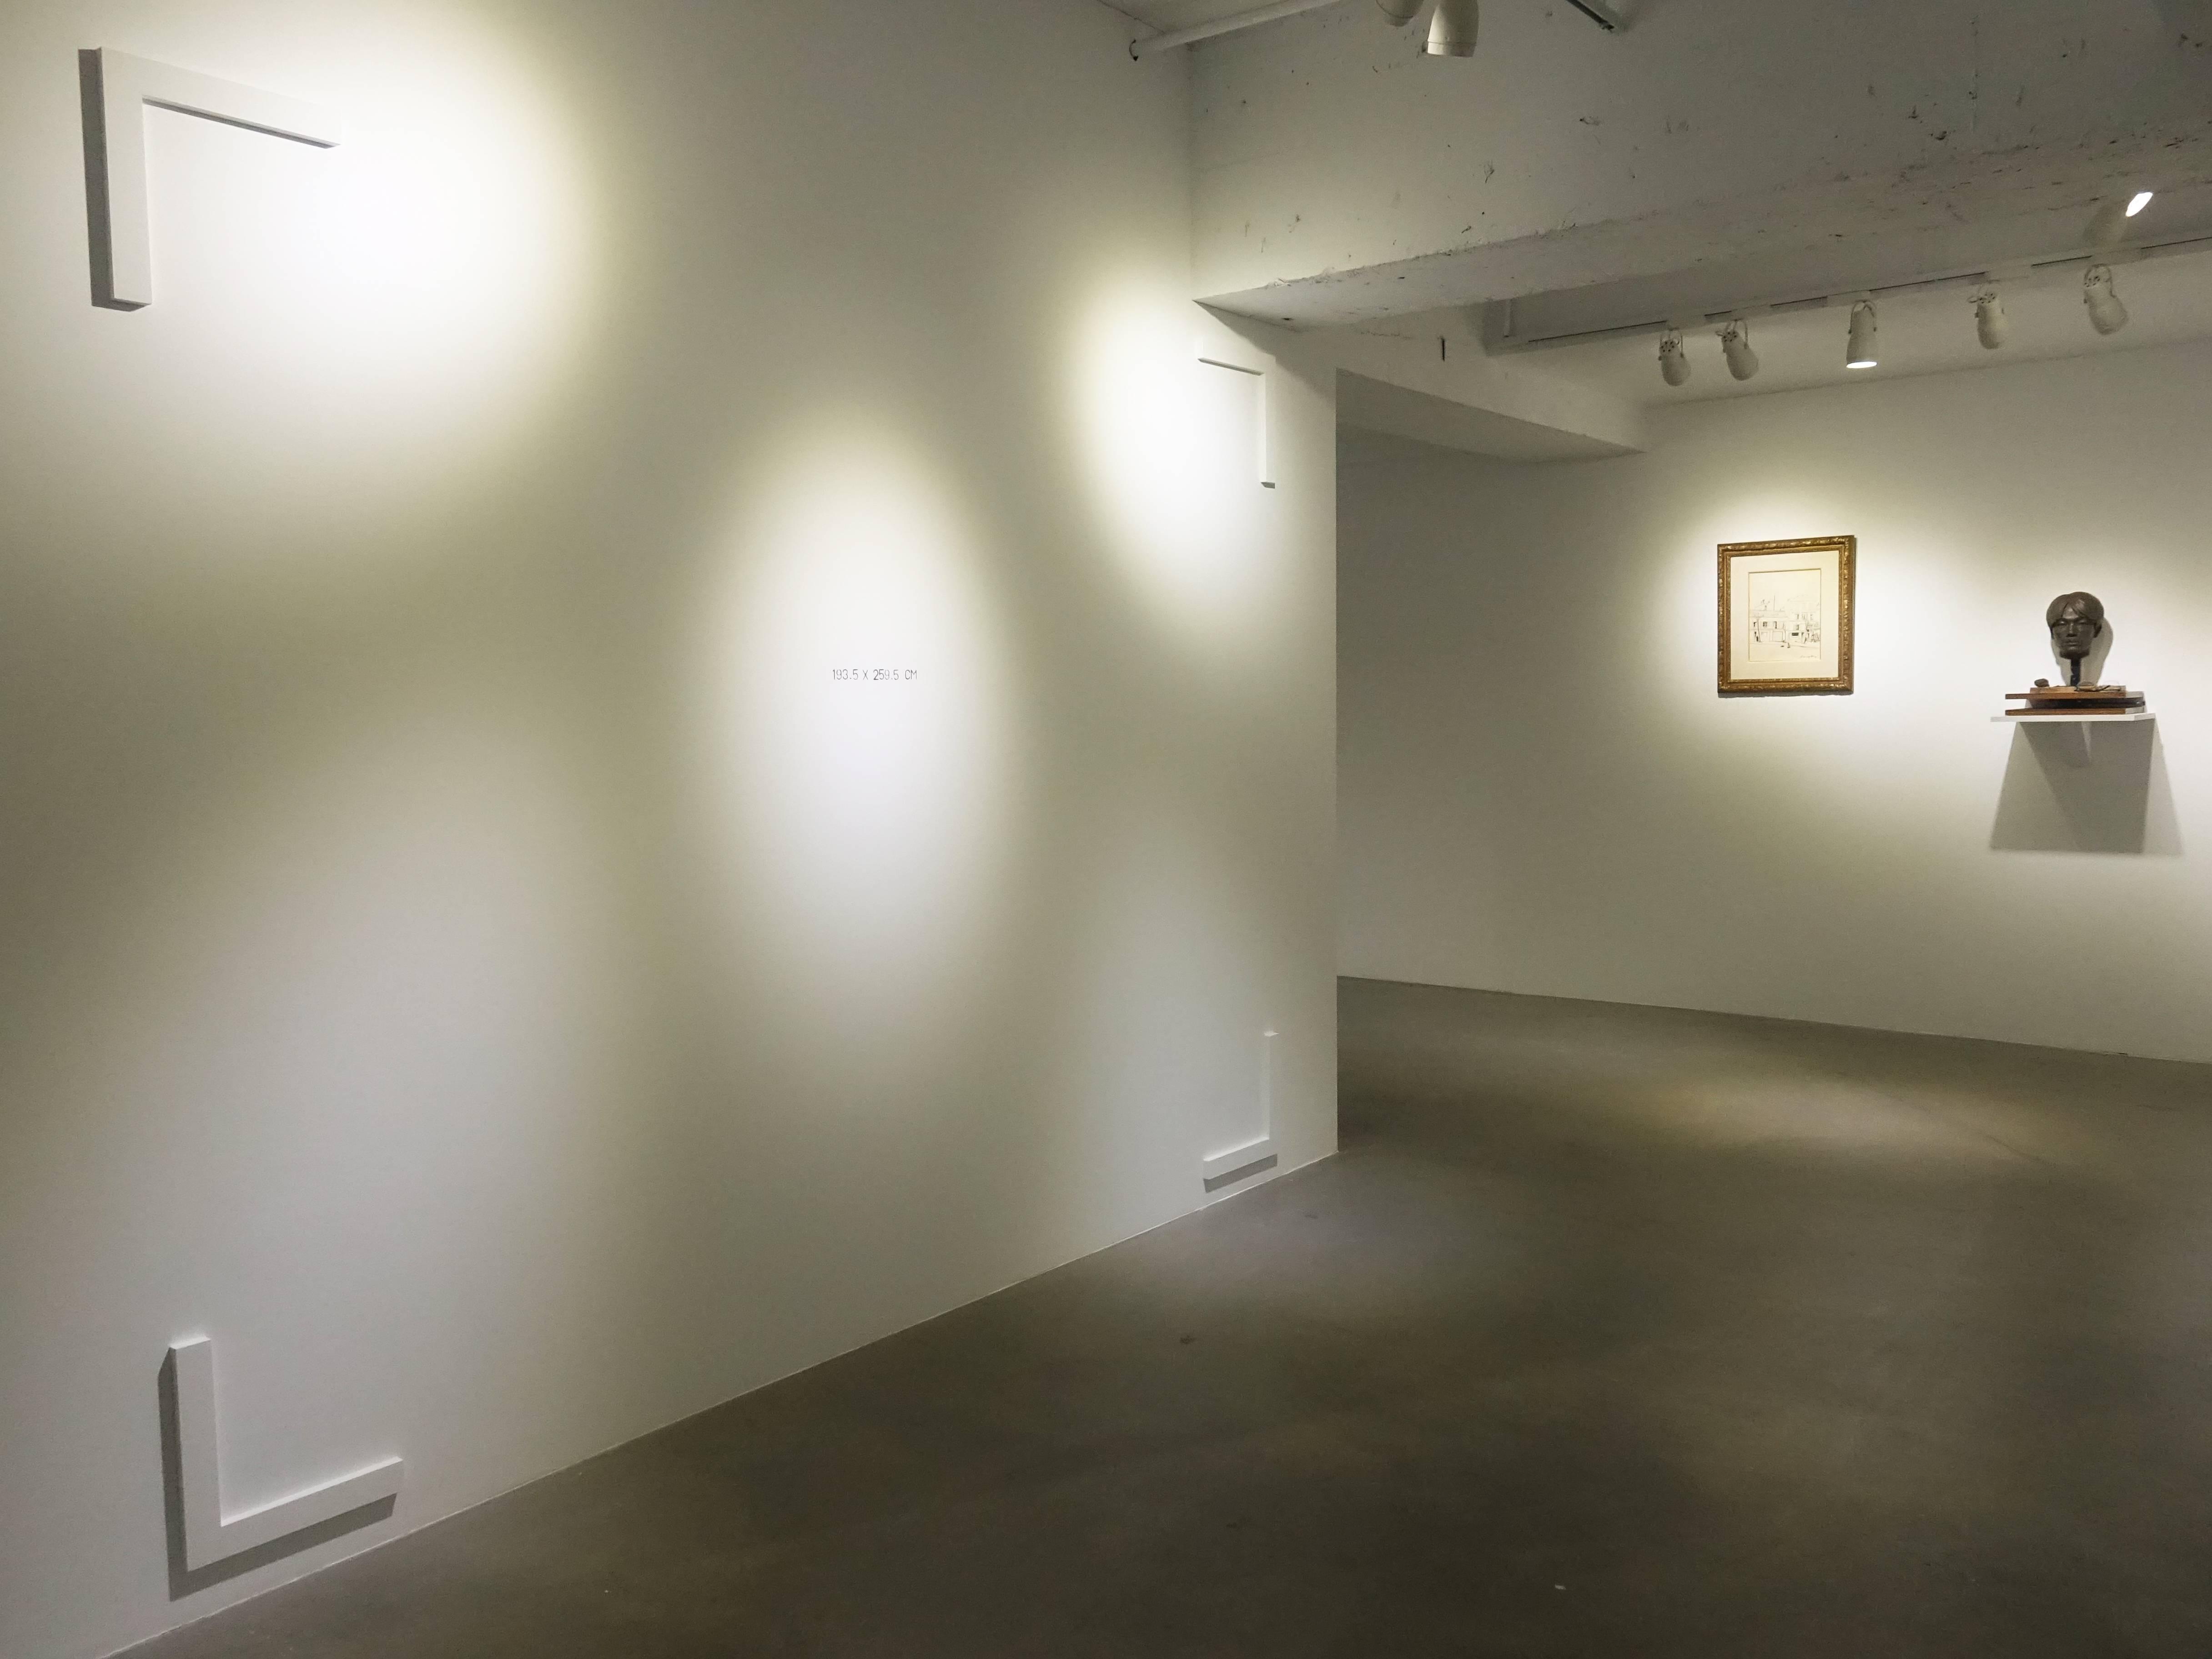 日動畫廊展覽空間。